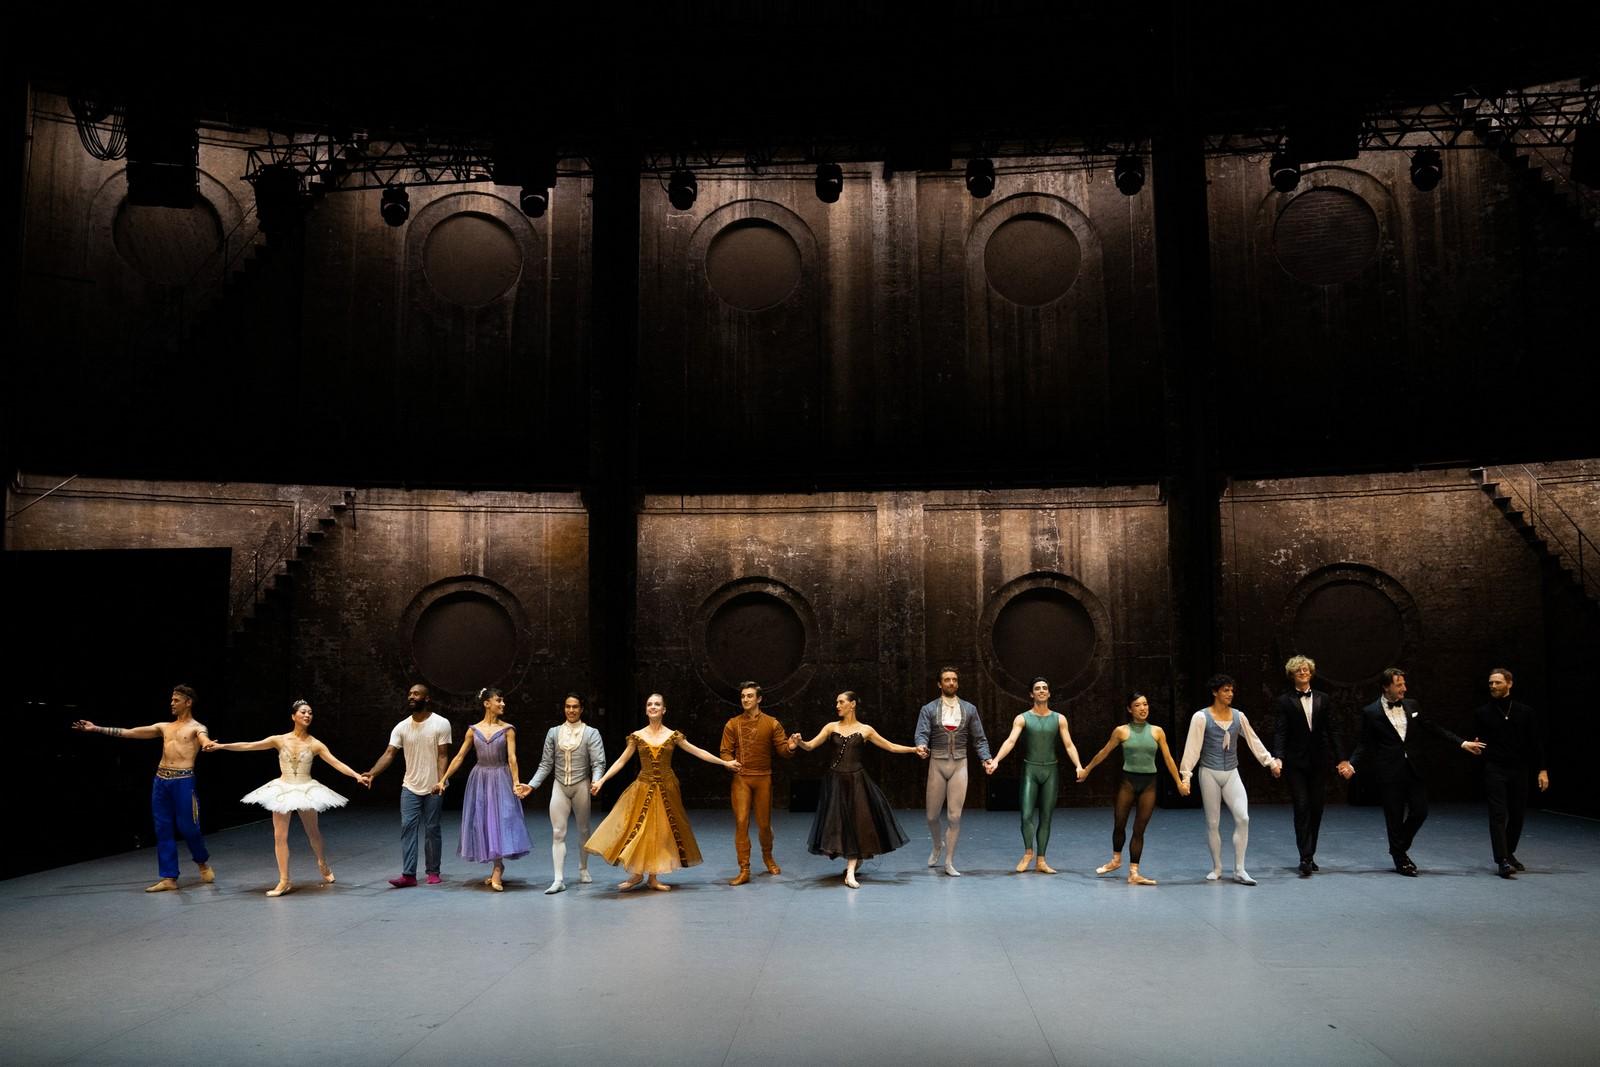 Anmeldelse: San Fransisco Ballet Solodansere, Østre Gasværk Teater (København Danser – San Fransisco Ballet)